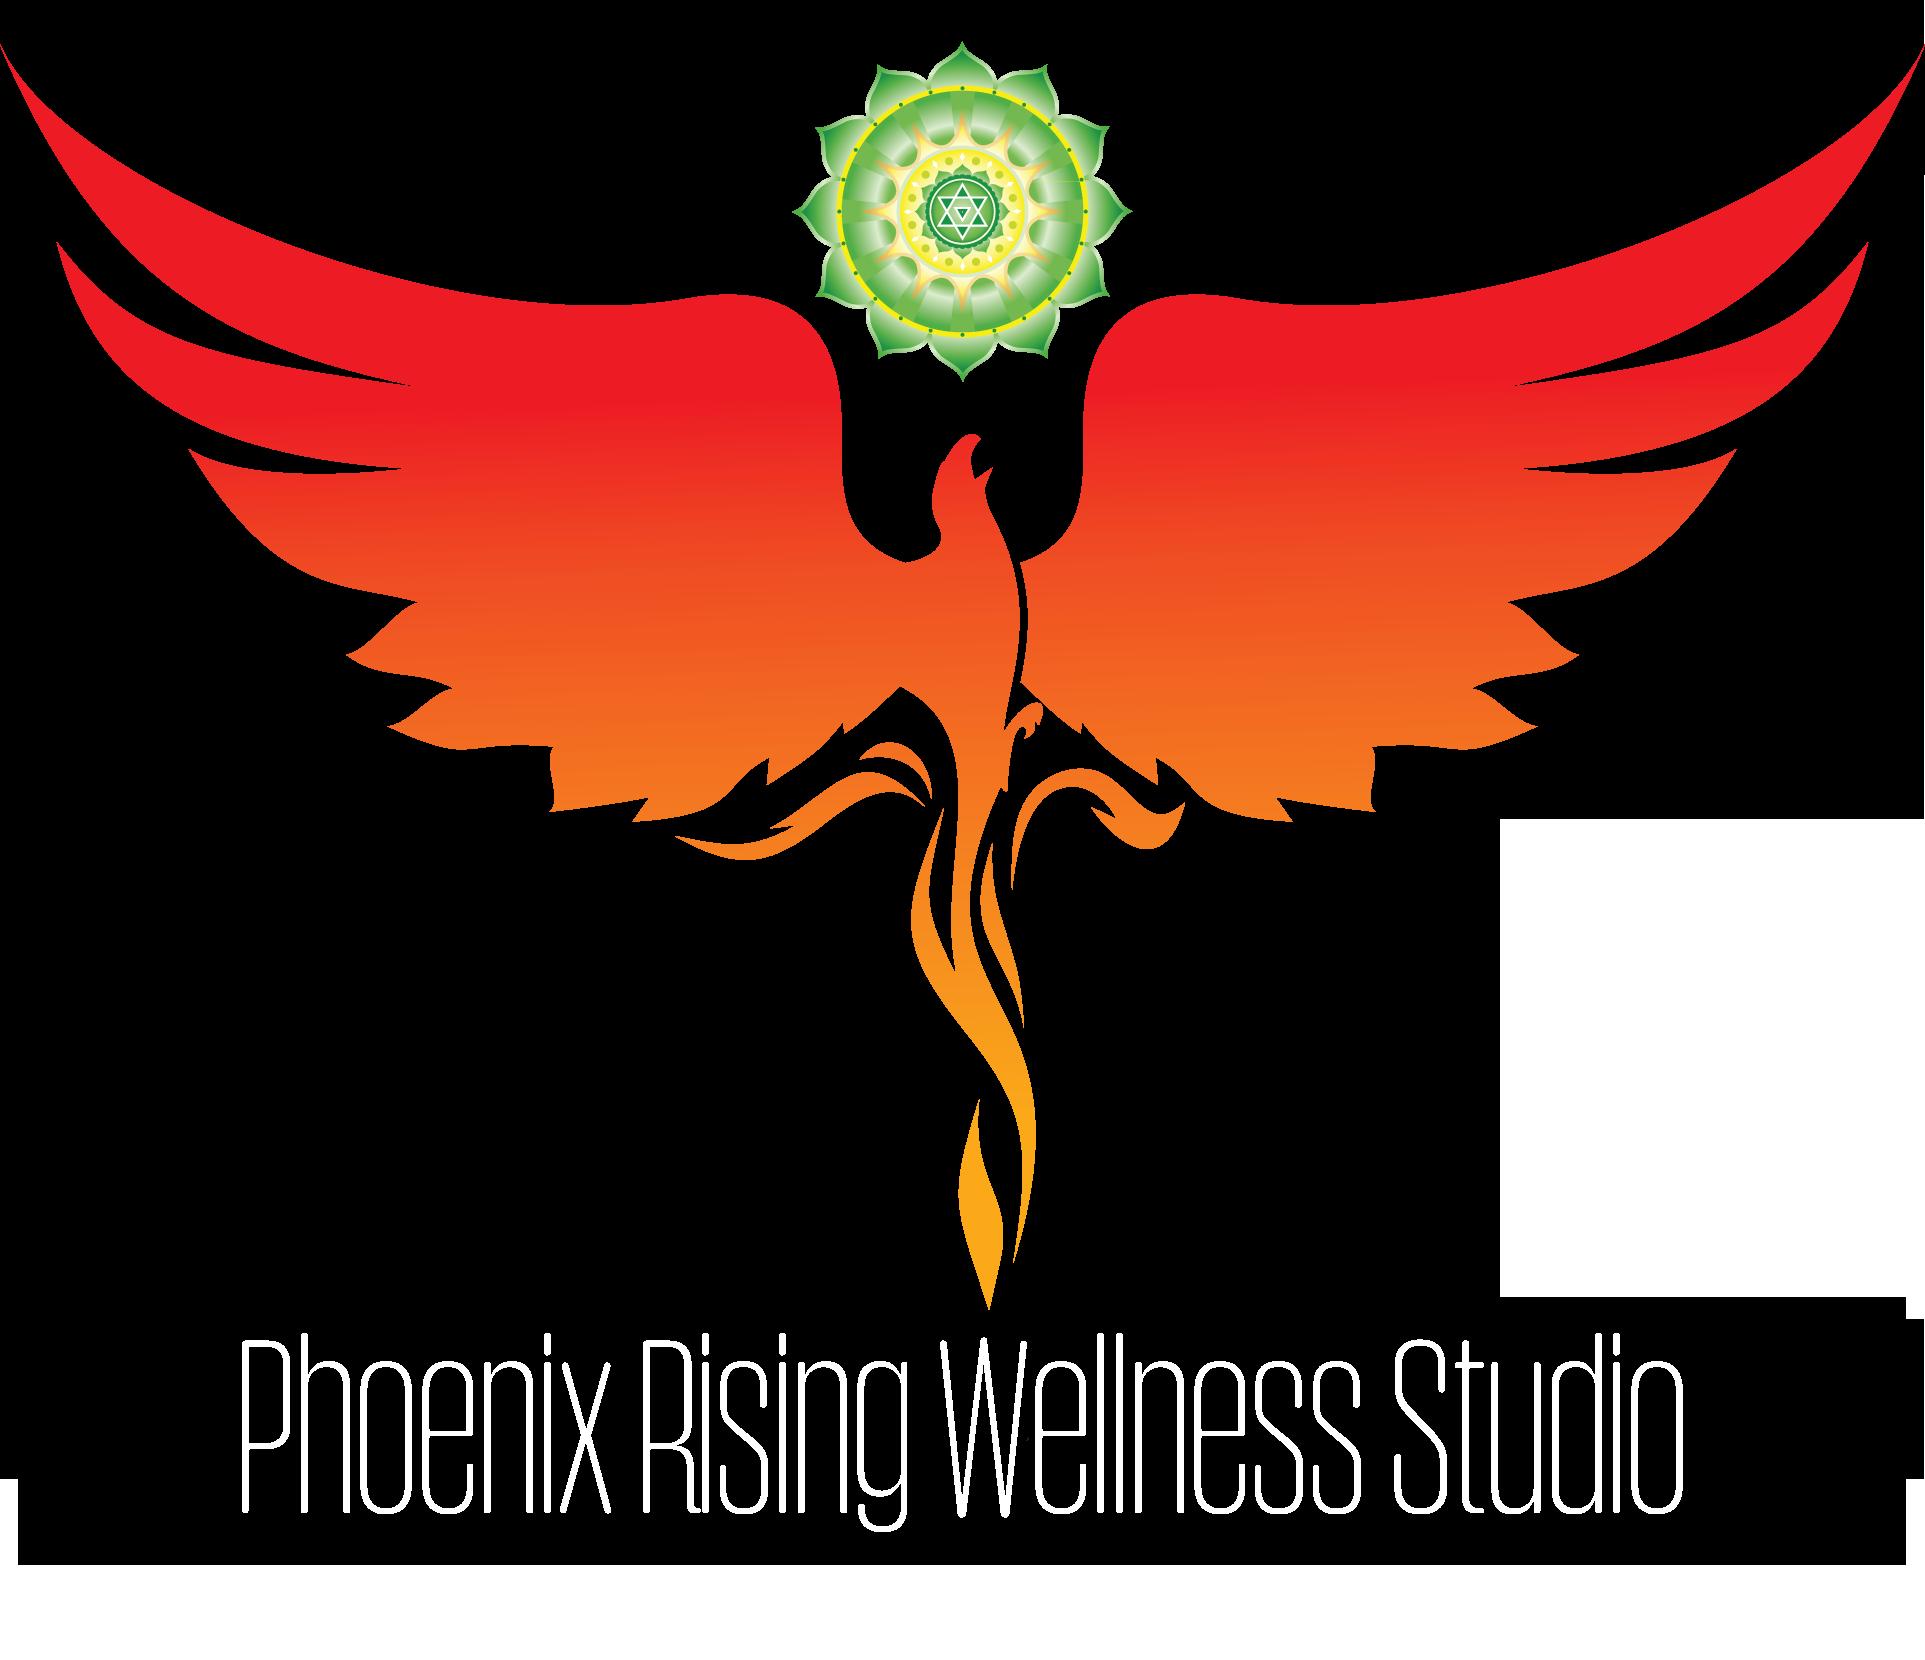 Phoenix clipart rising phoenix Logo Rising Rising Phoenix Wellness